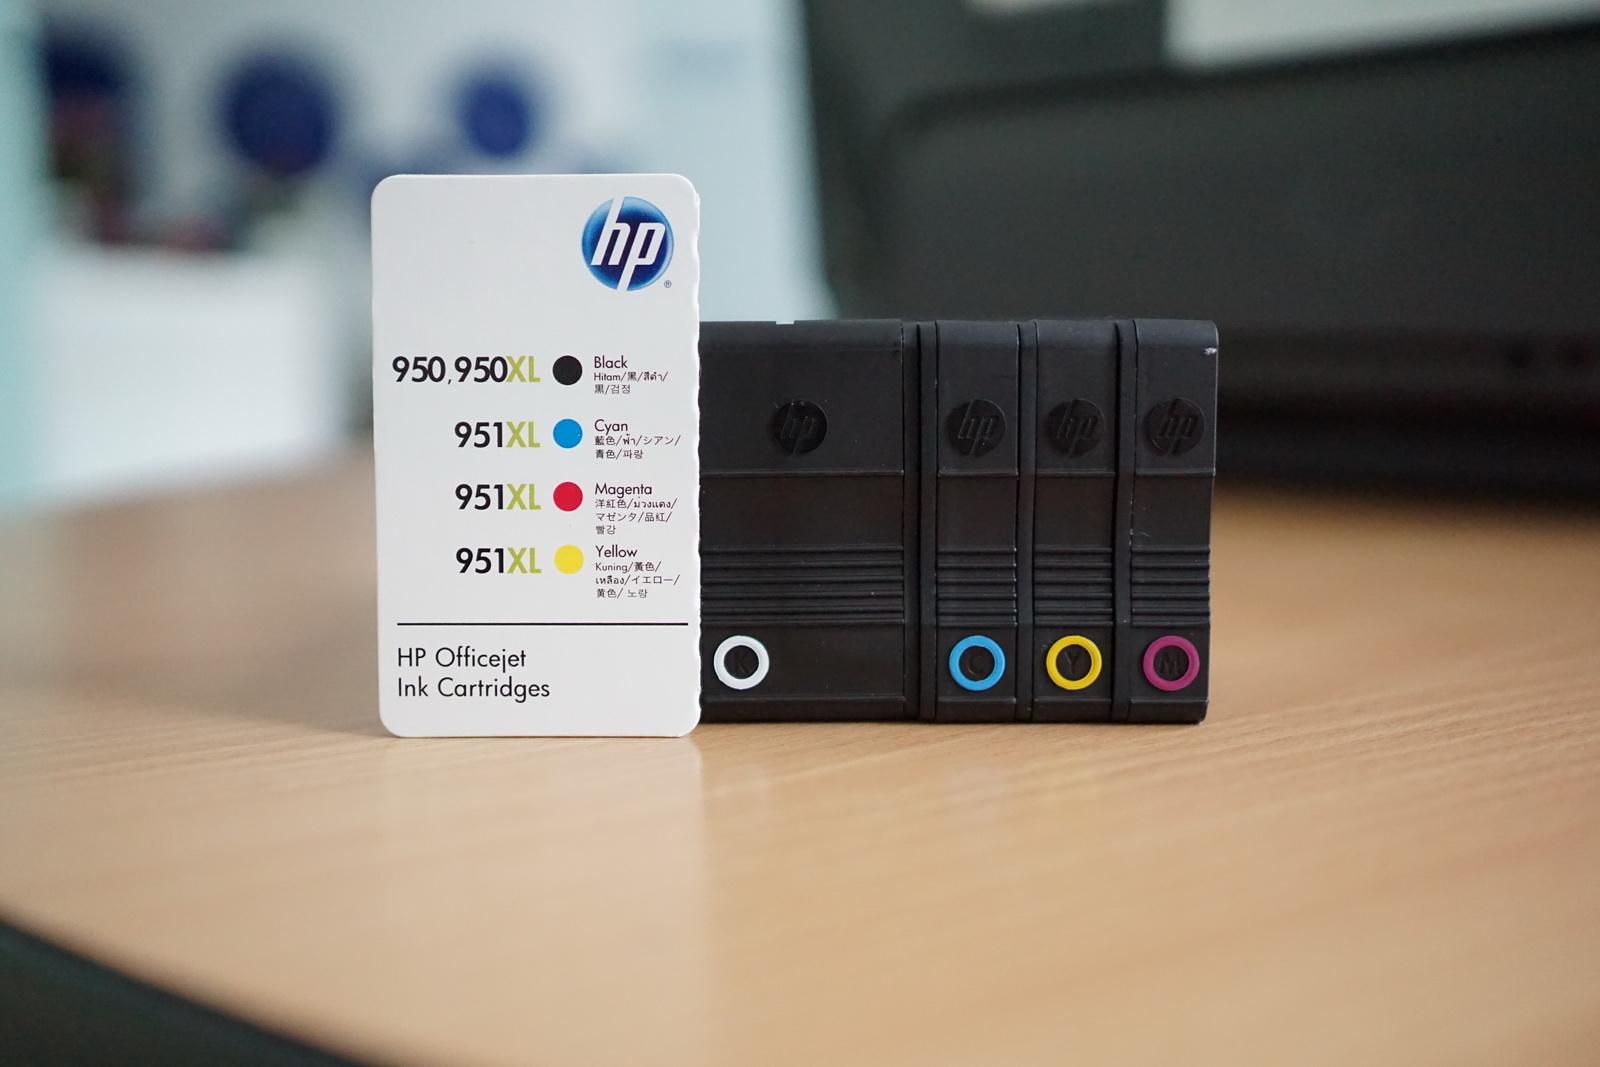 创业人士必备办公利器 商用喷墨打印机推荐